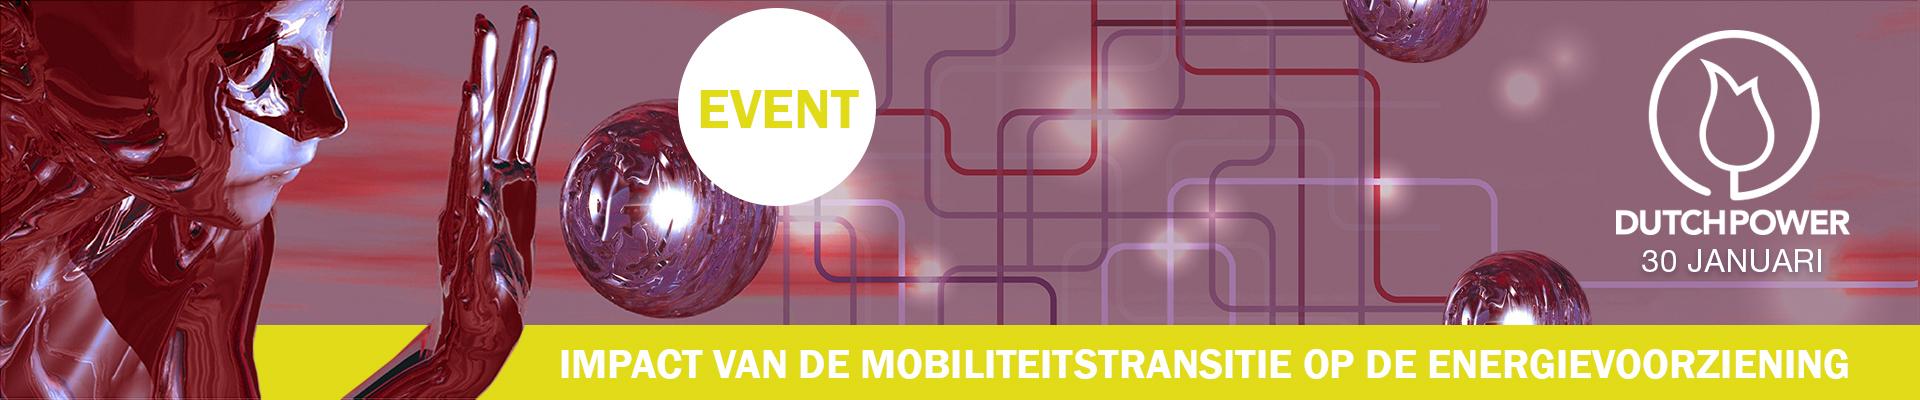 Impact van de mobiliteitstransitie op de energievoorziening